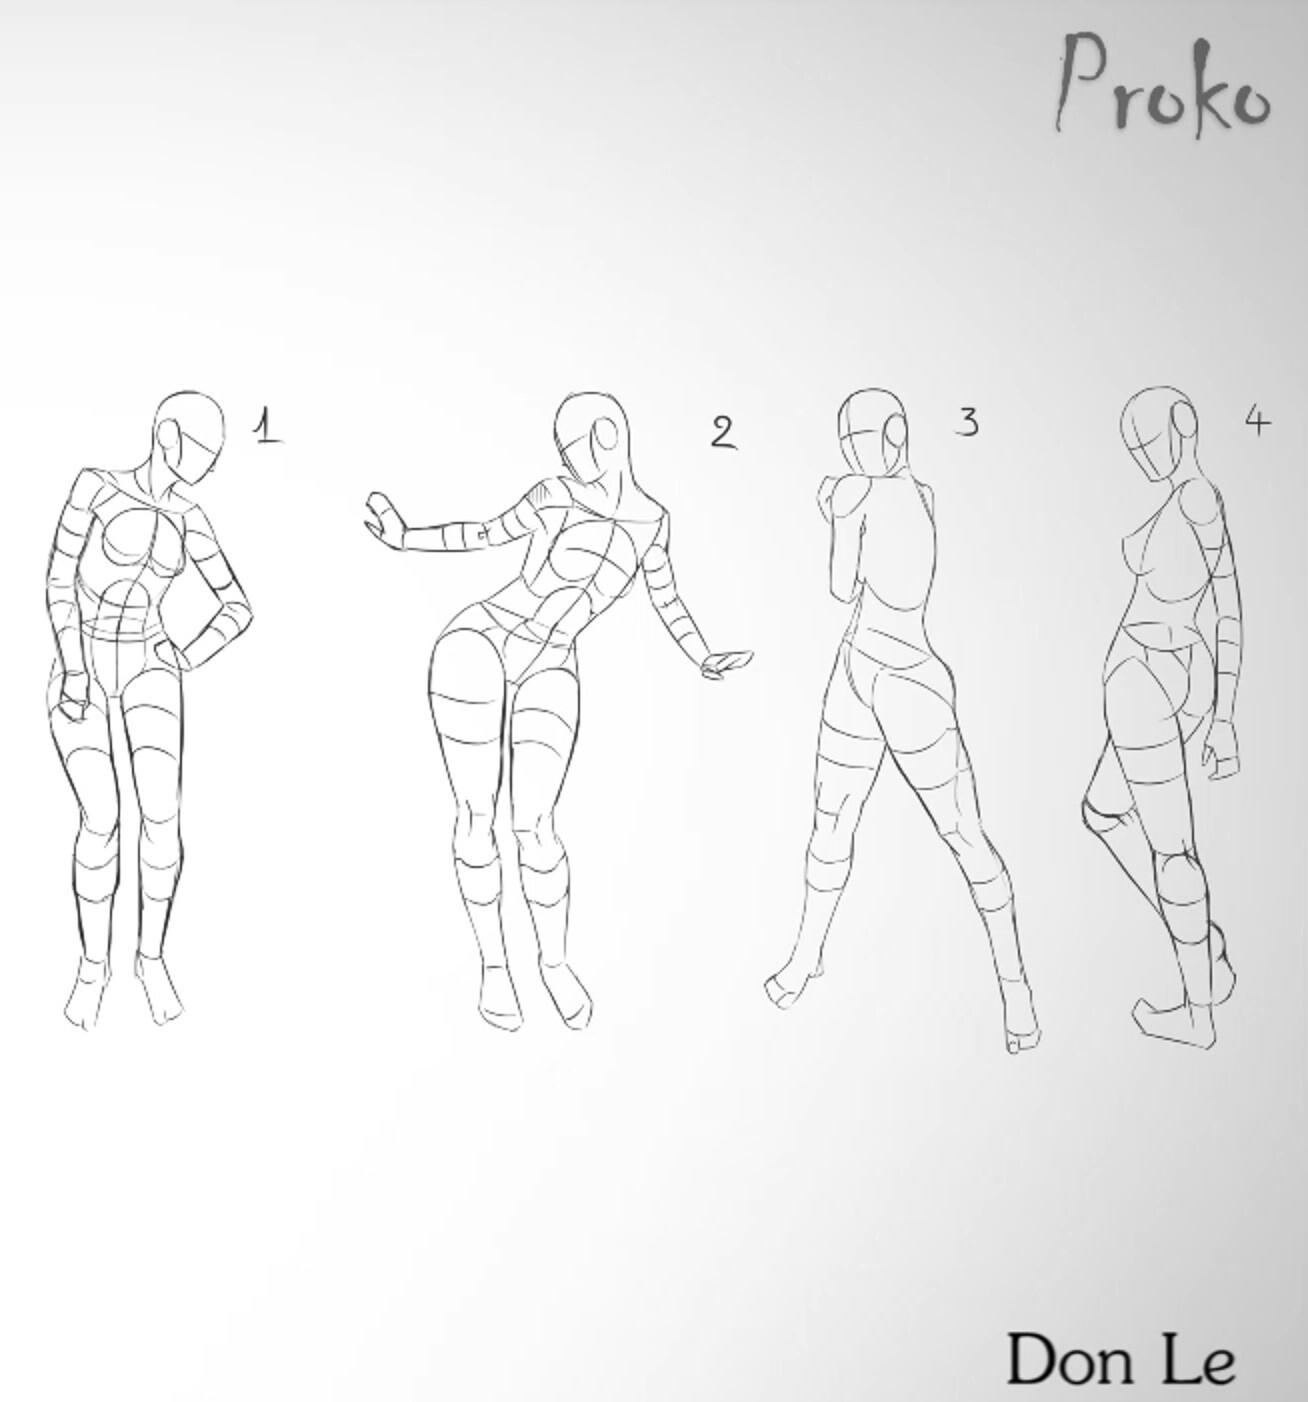 https://www.proko.com/